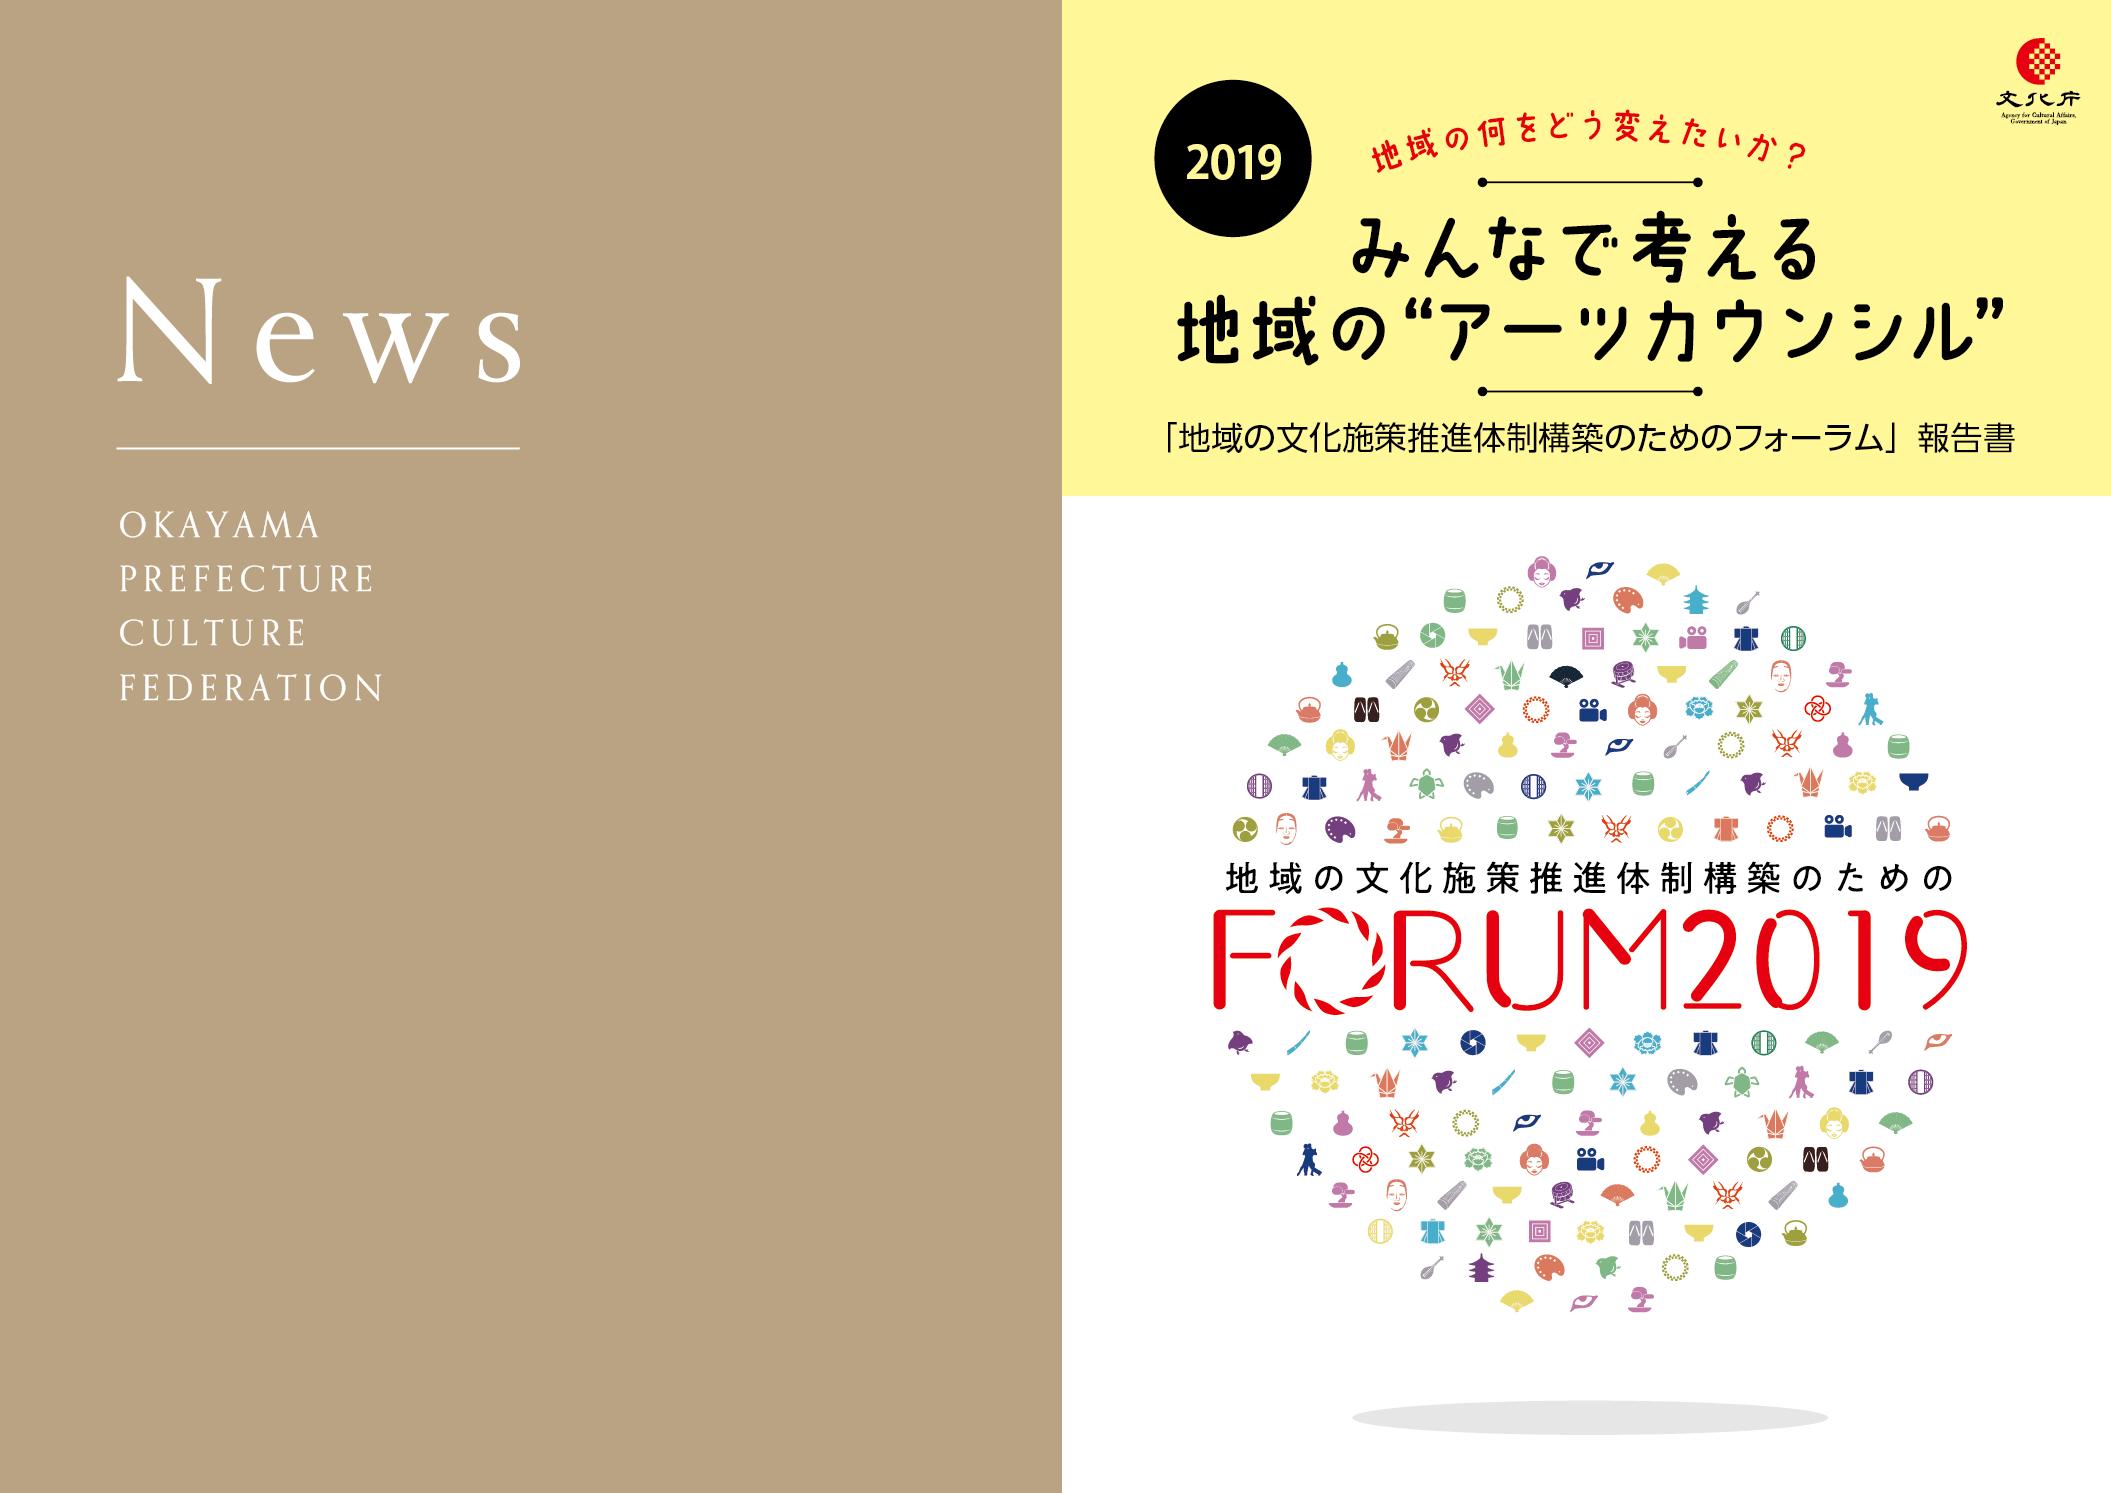 文化庁「地域の文化施策推進体制構築のためのフォーラム」報告書